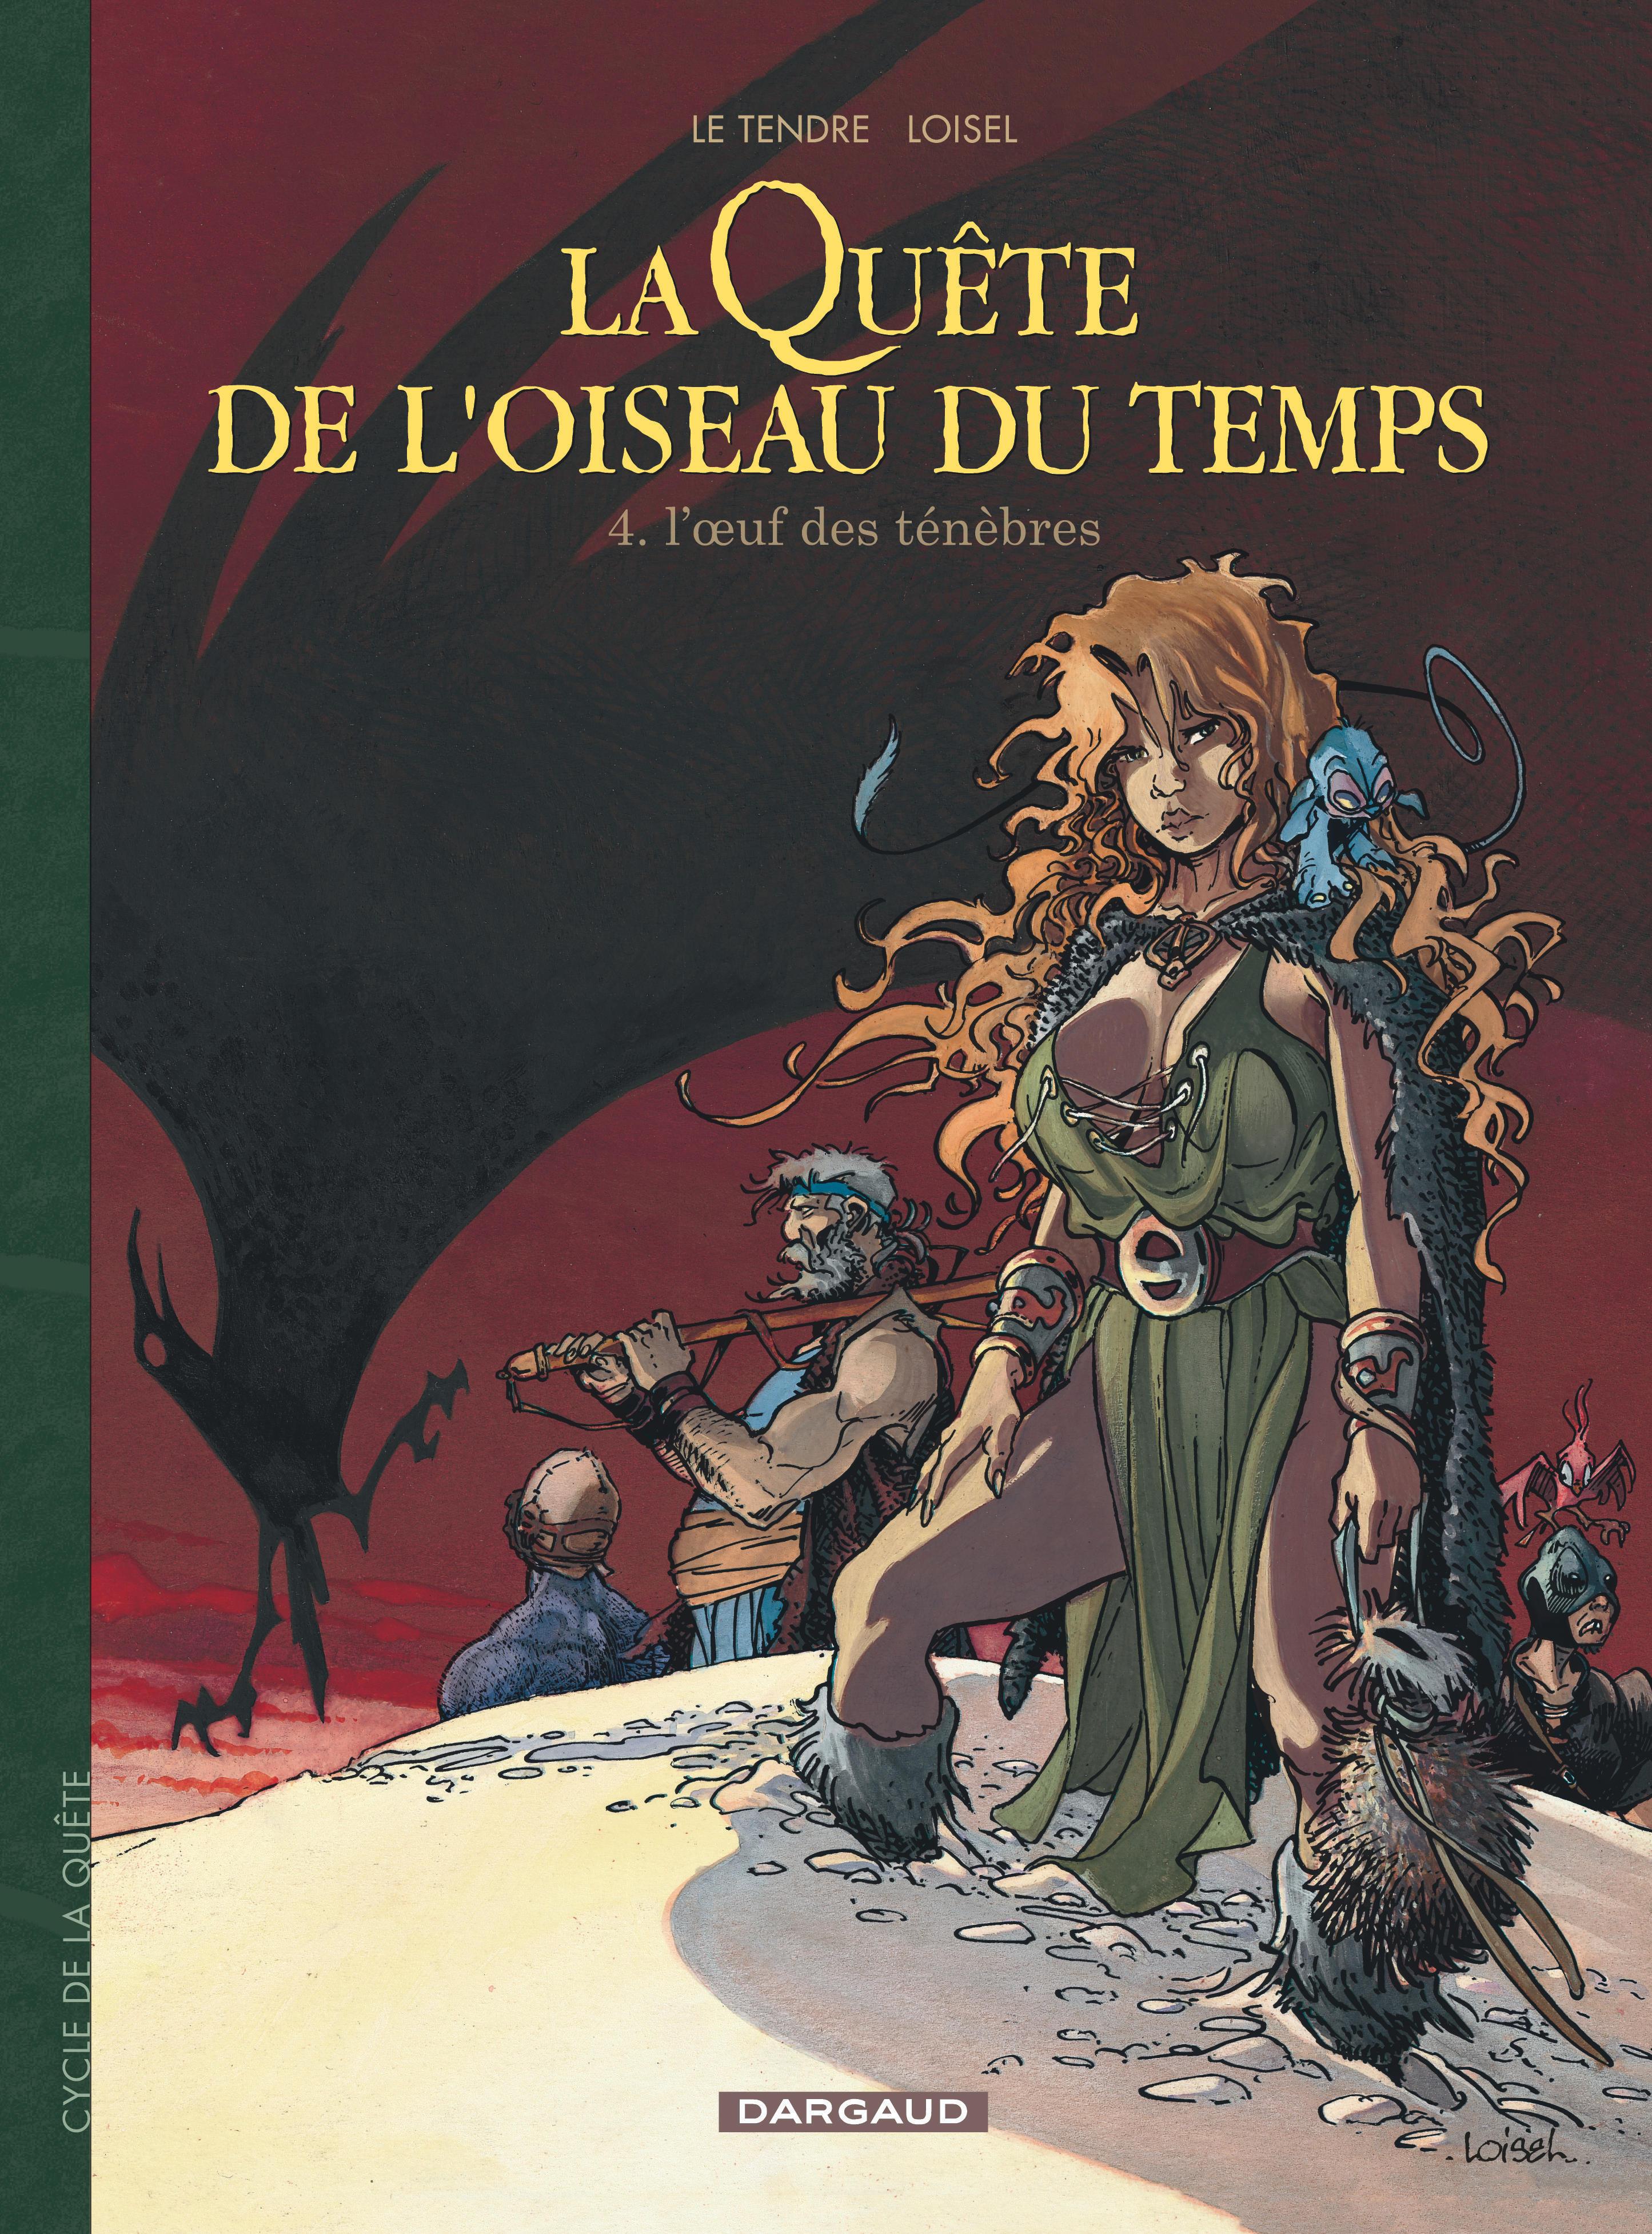 LA QUETE DE L'OISEAU DU TEMPS - T4 - L'OEUF DES TENEBRES